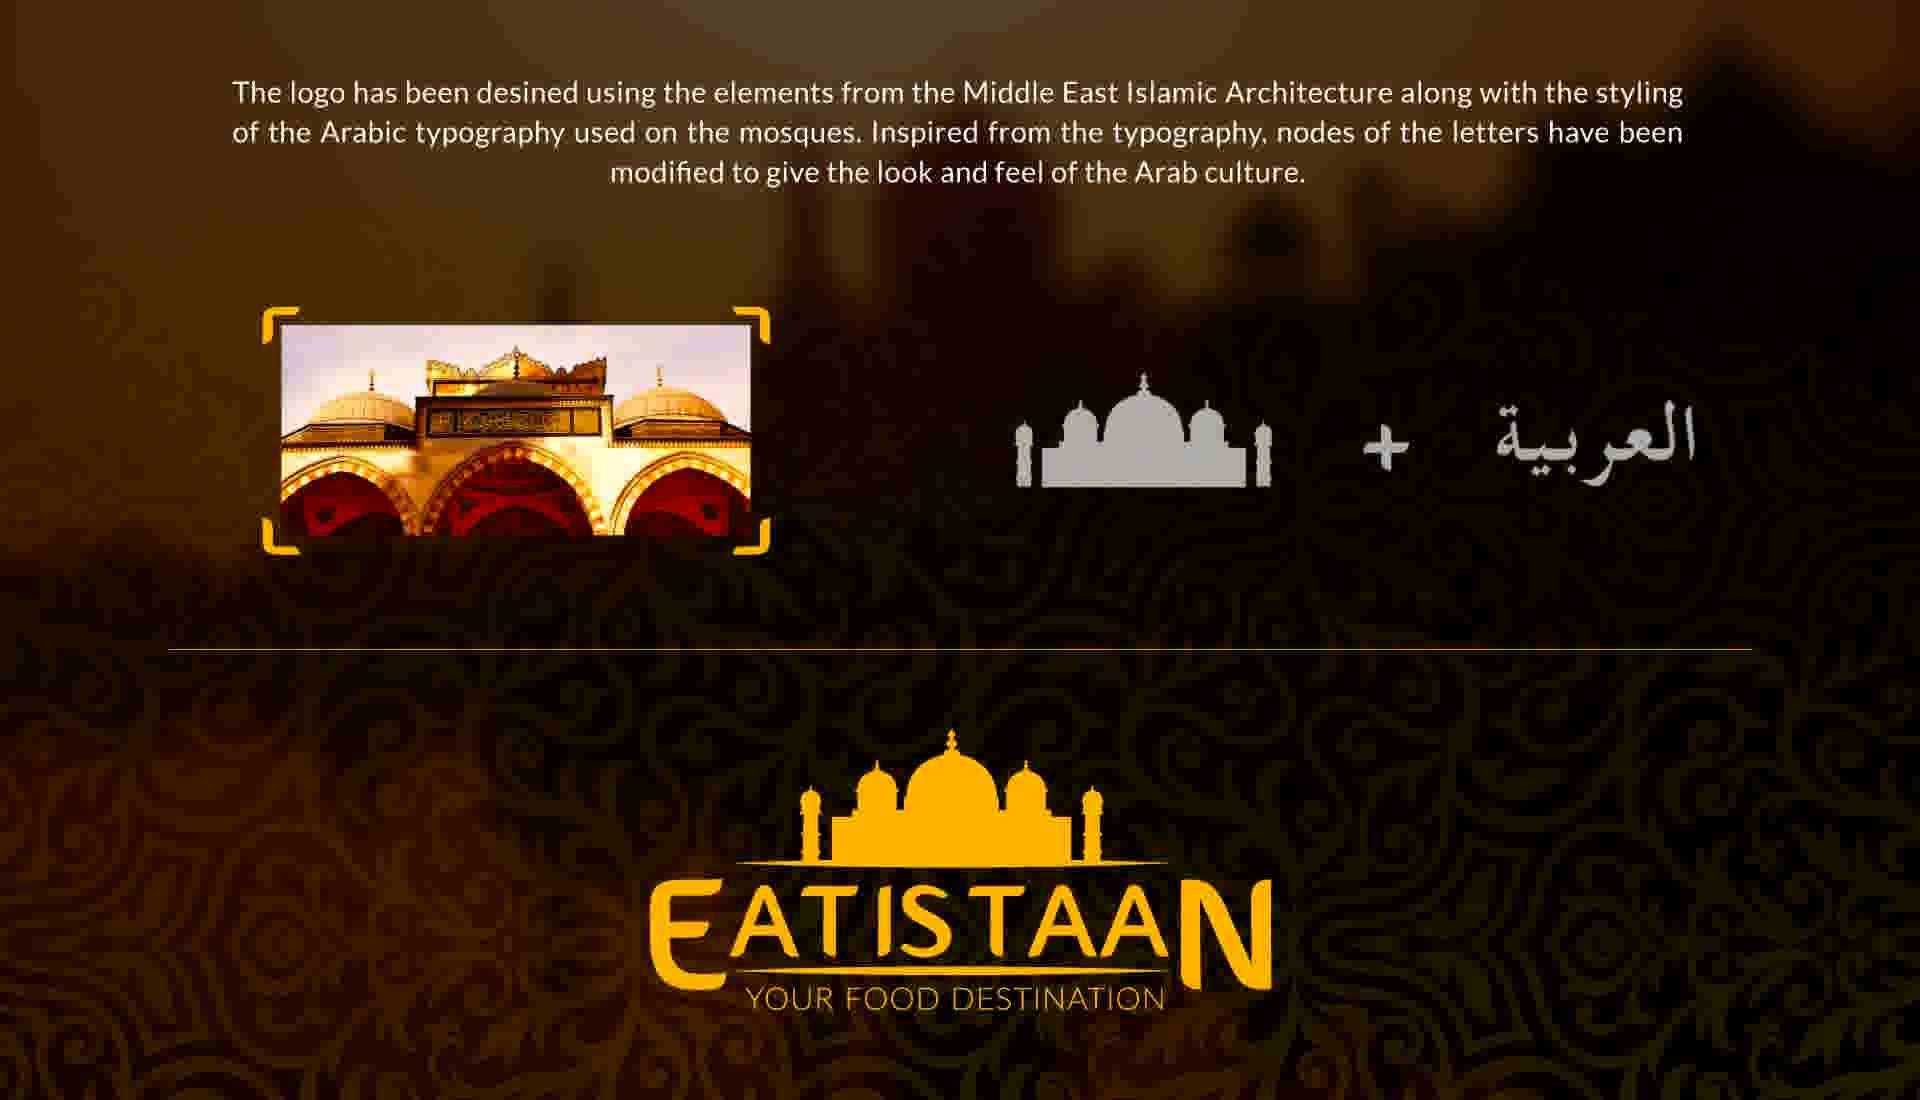 Eatistaan - Your Food Destination